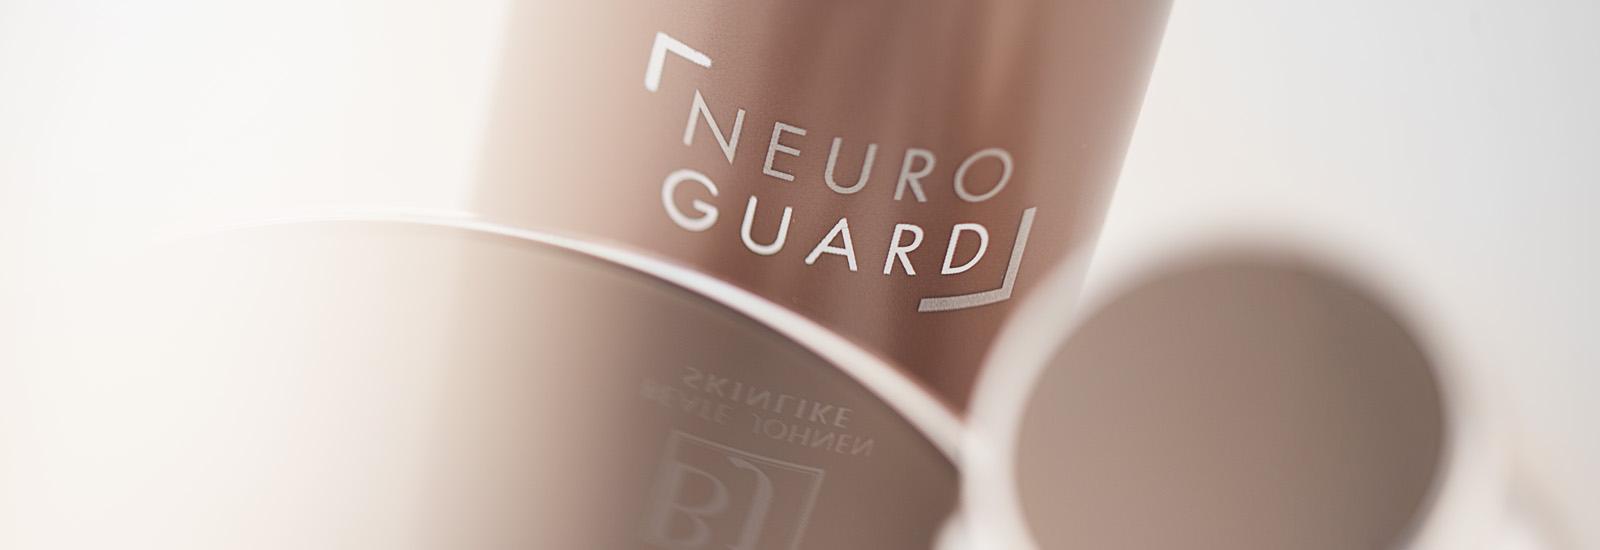 beatejohnen_slider_neuroguard_2